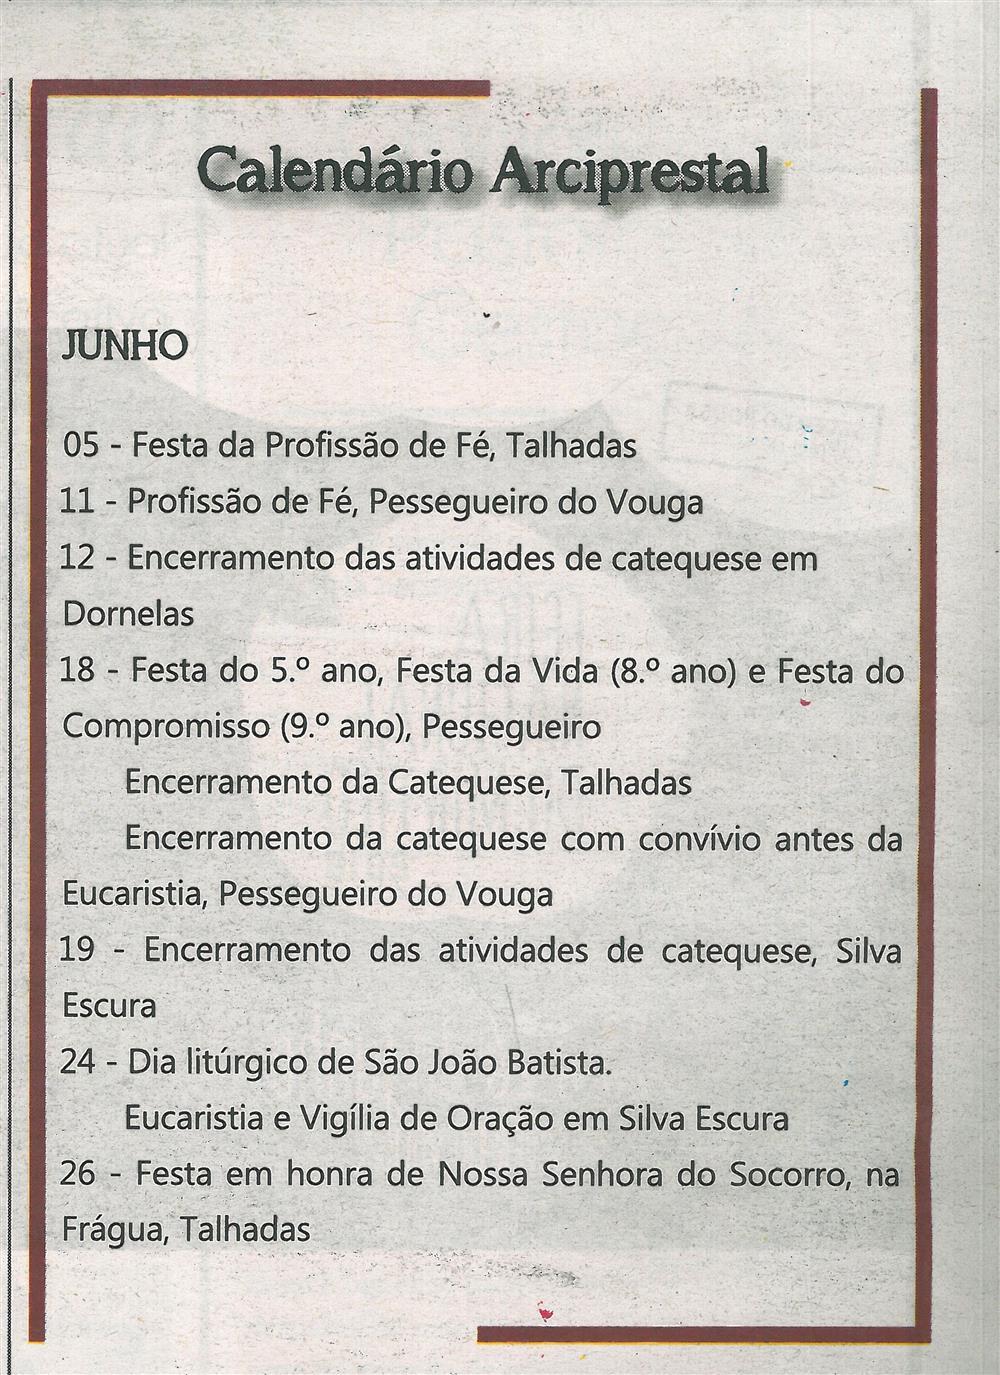 TV-jun.'16-p.20-Calendário Arciprestal : junho.jpg